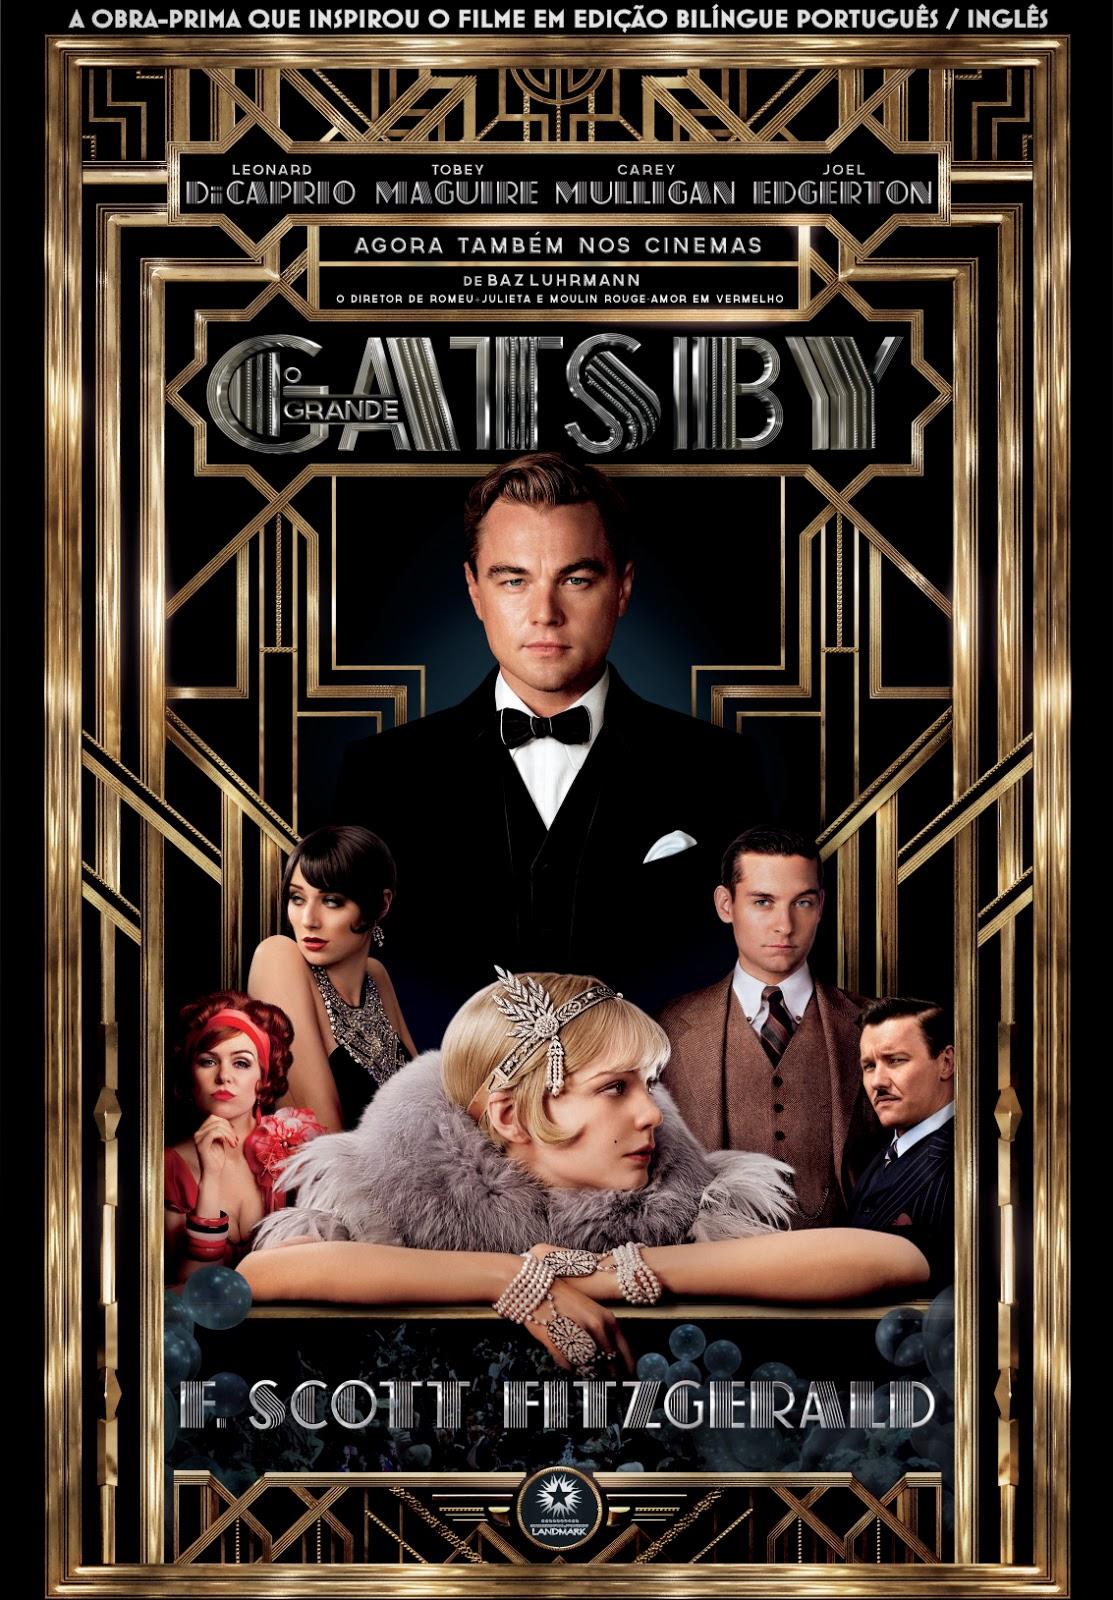 Leonardo DiCaprio na capa do filme Gatsby